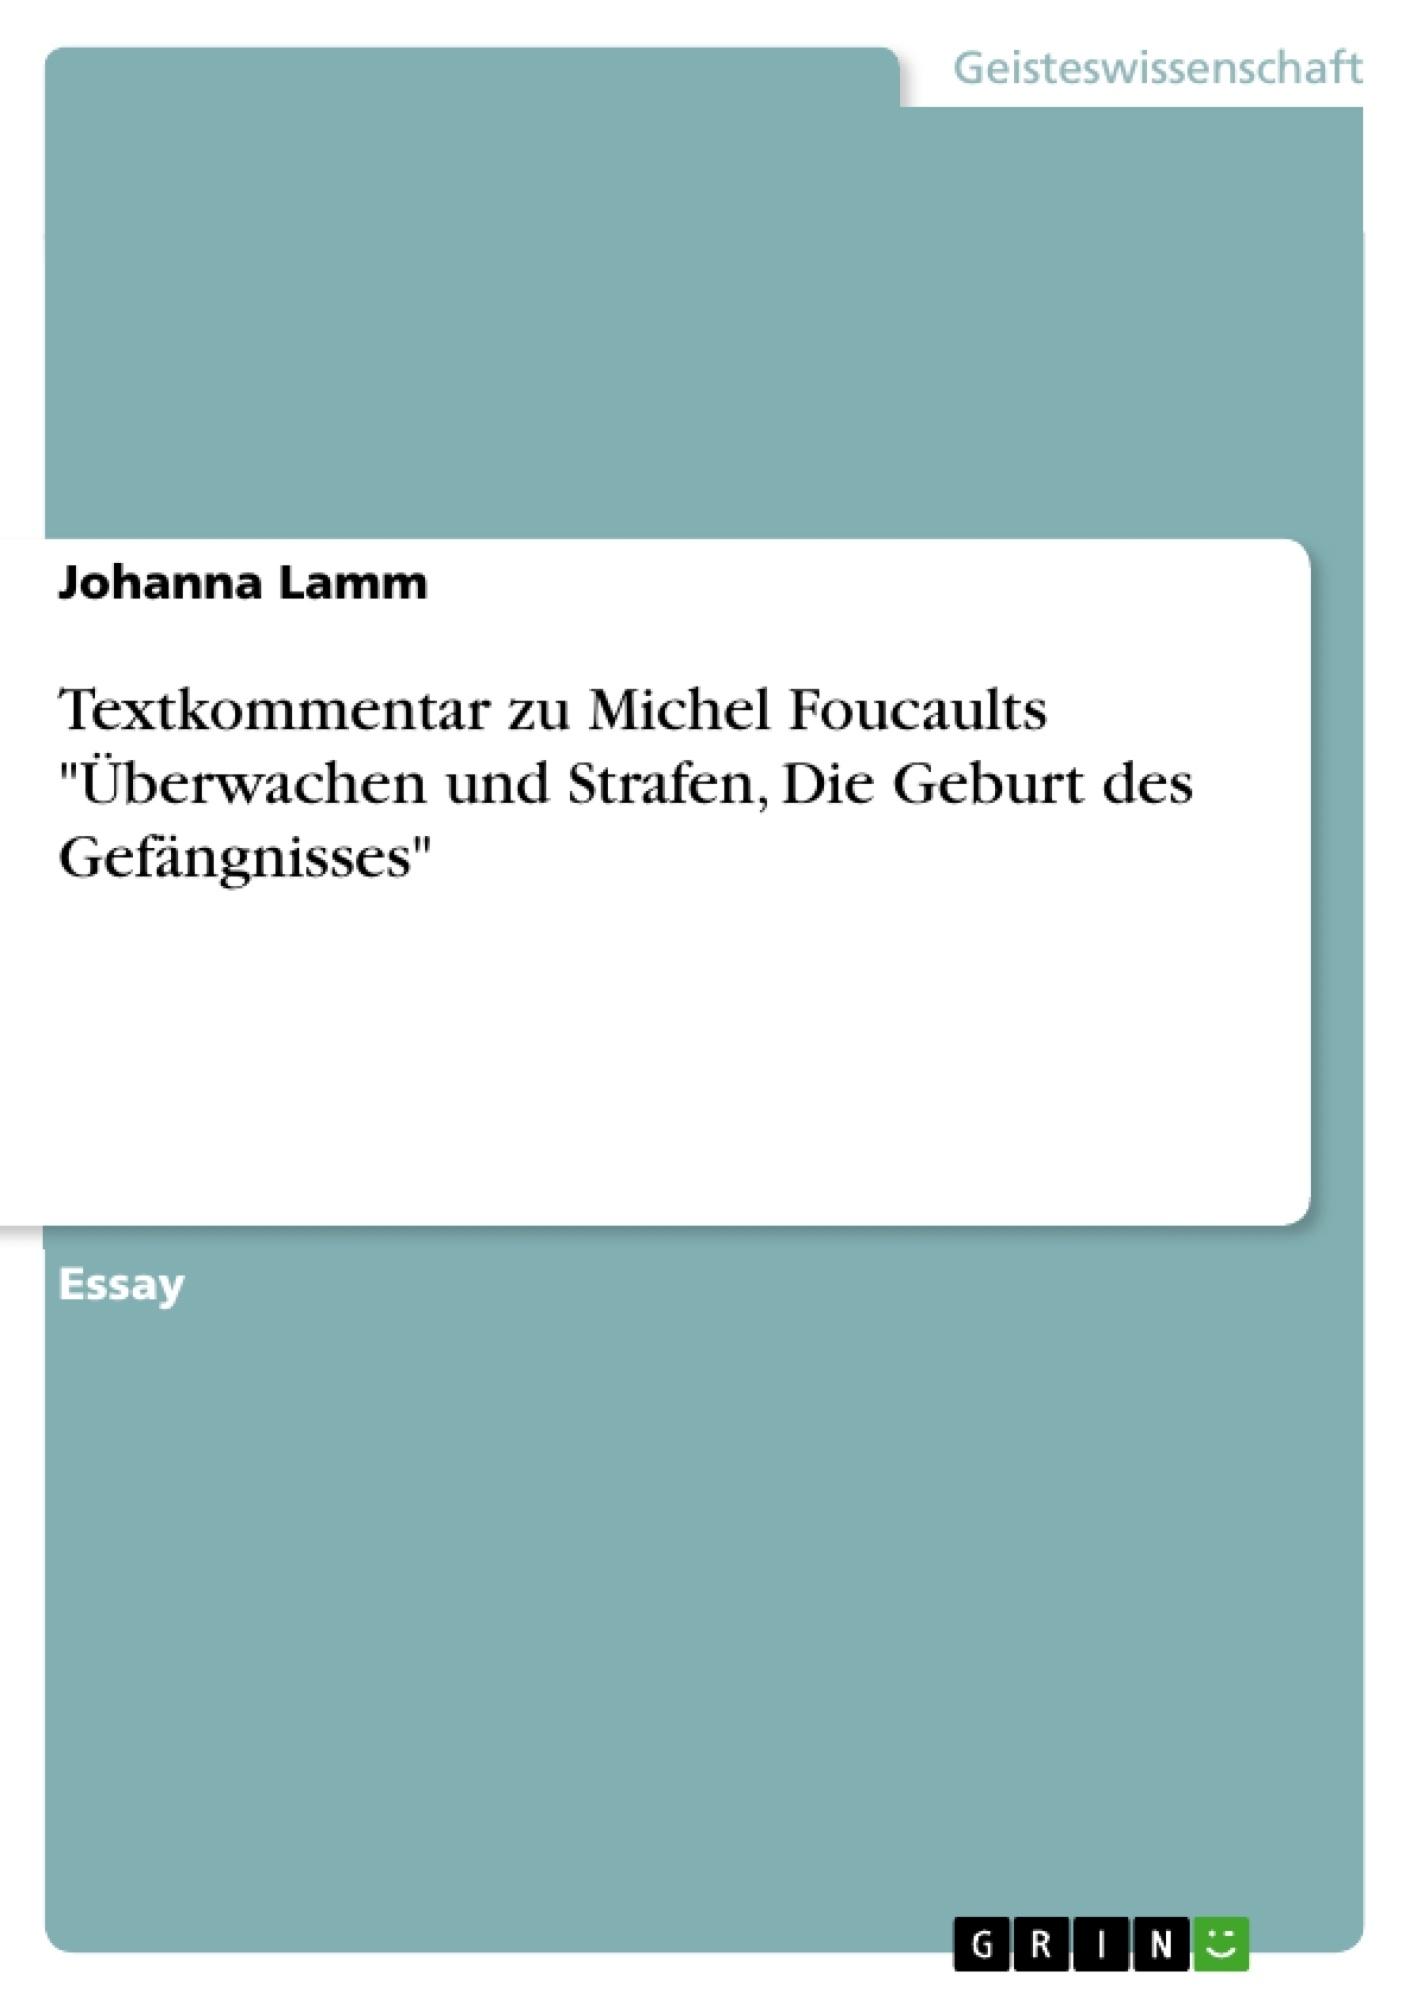 """Titel: Textkommentar zu Michel Foucaults """"Überwachen und Strafen, Die Geburt des Gefängnisses"""""""